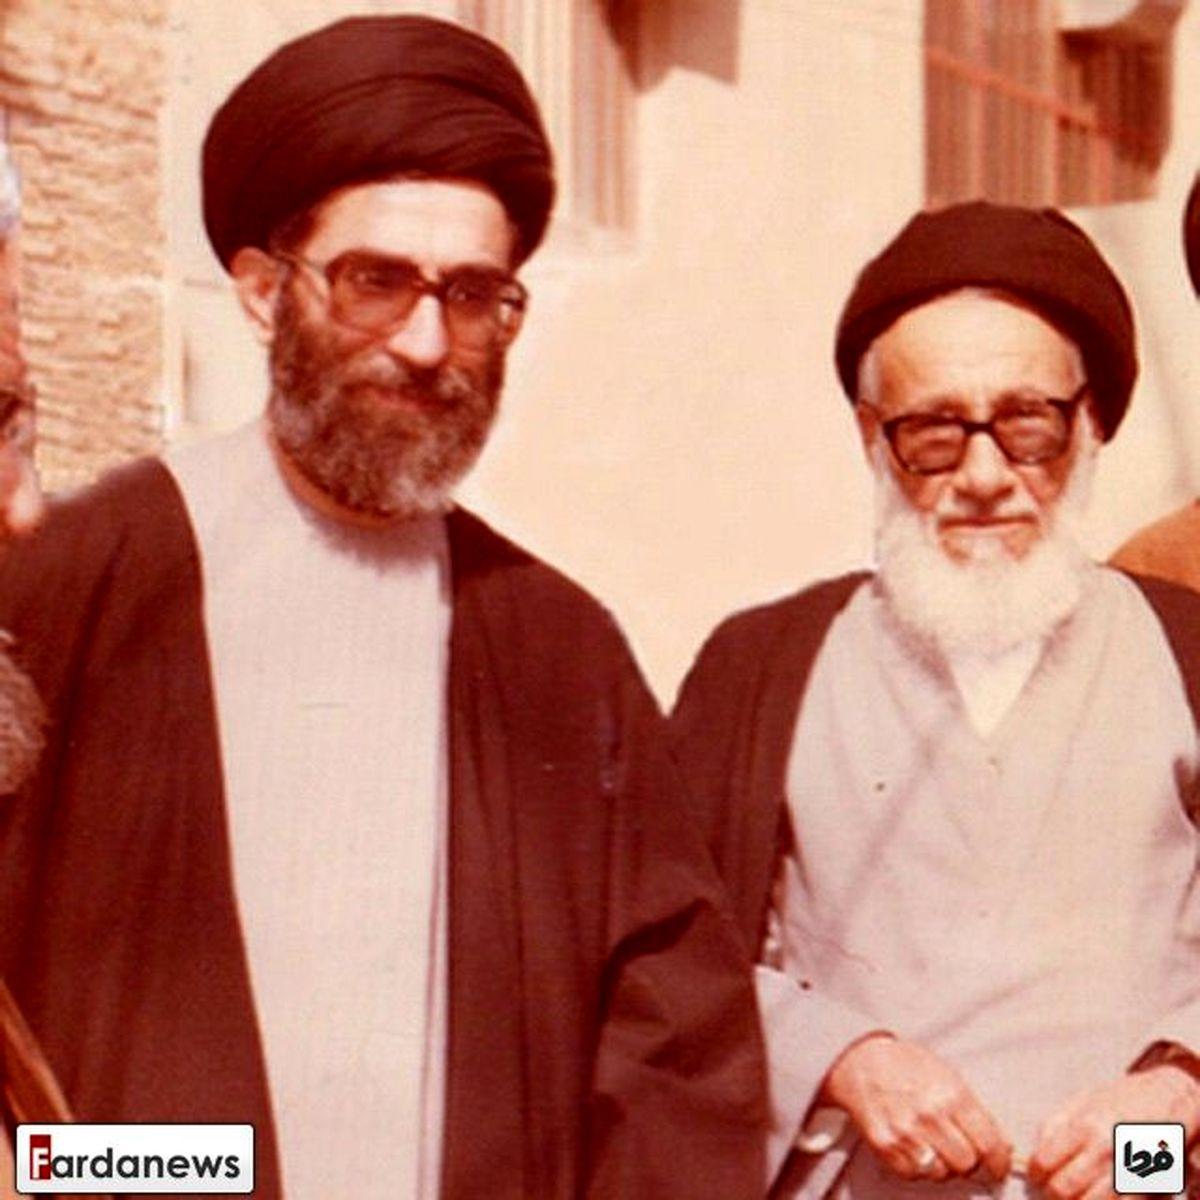 اینستاگرام «خامنهای داتآیآر» برای فوت دختر آیت اللهخاتمی چه عکسی منتشر کرد؟